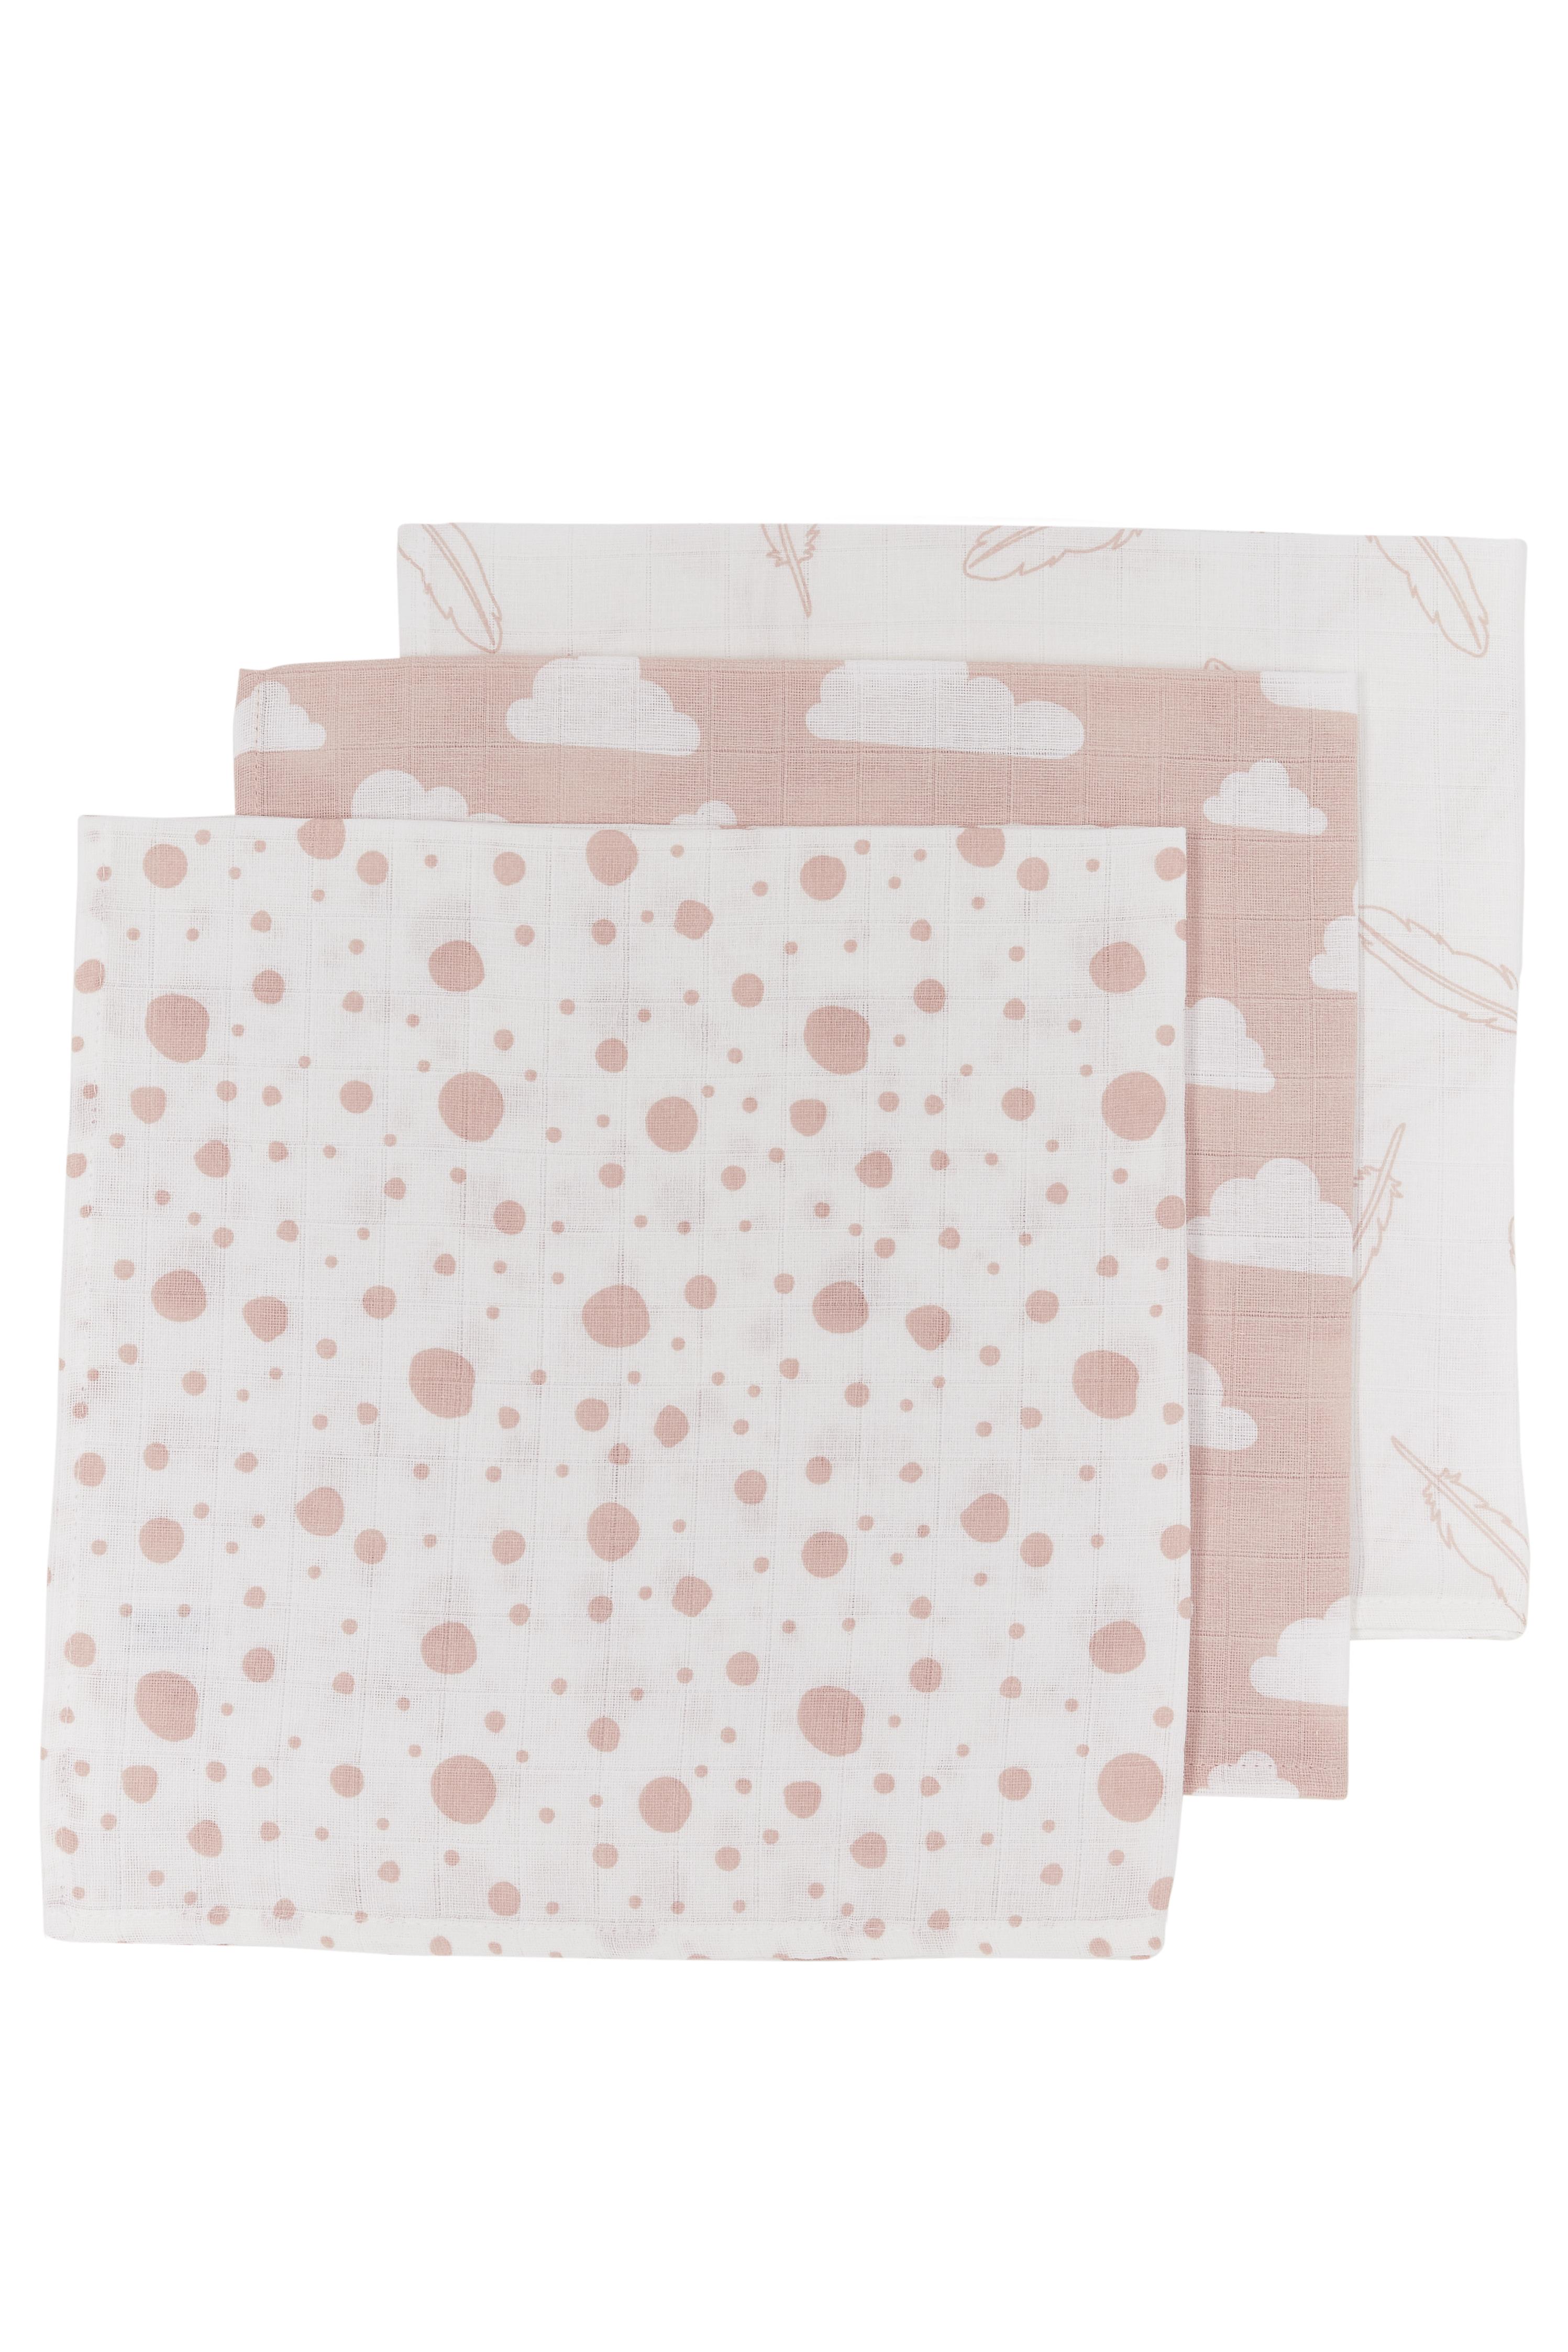 Musselin Spucktücher 3-Pack Feathers-Clouds-Dots - Roze/Weiß - 30x30cm